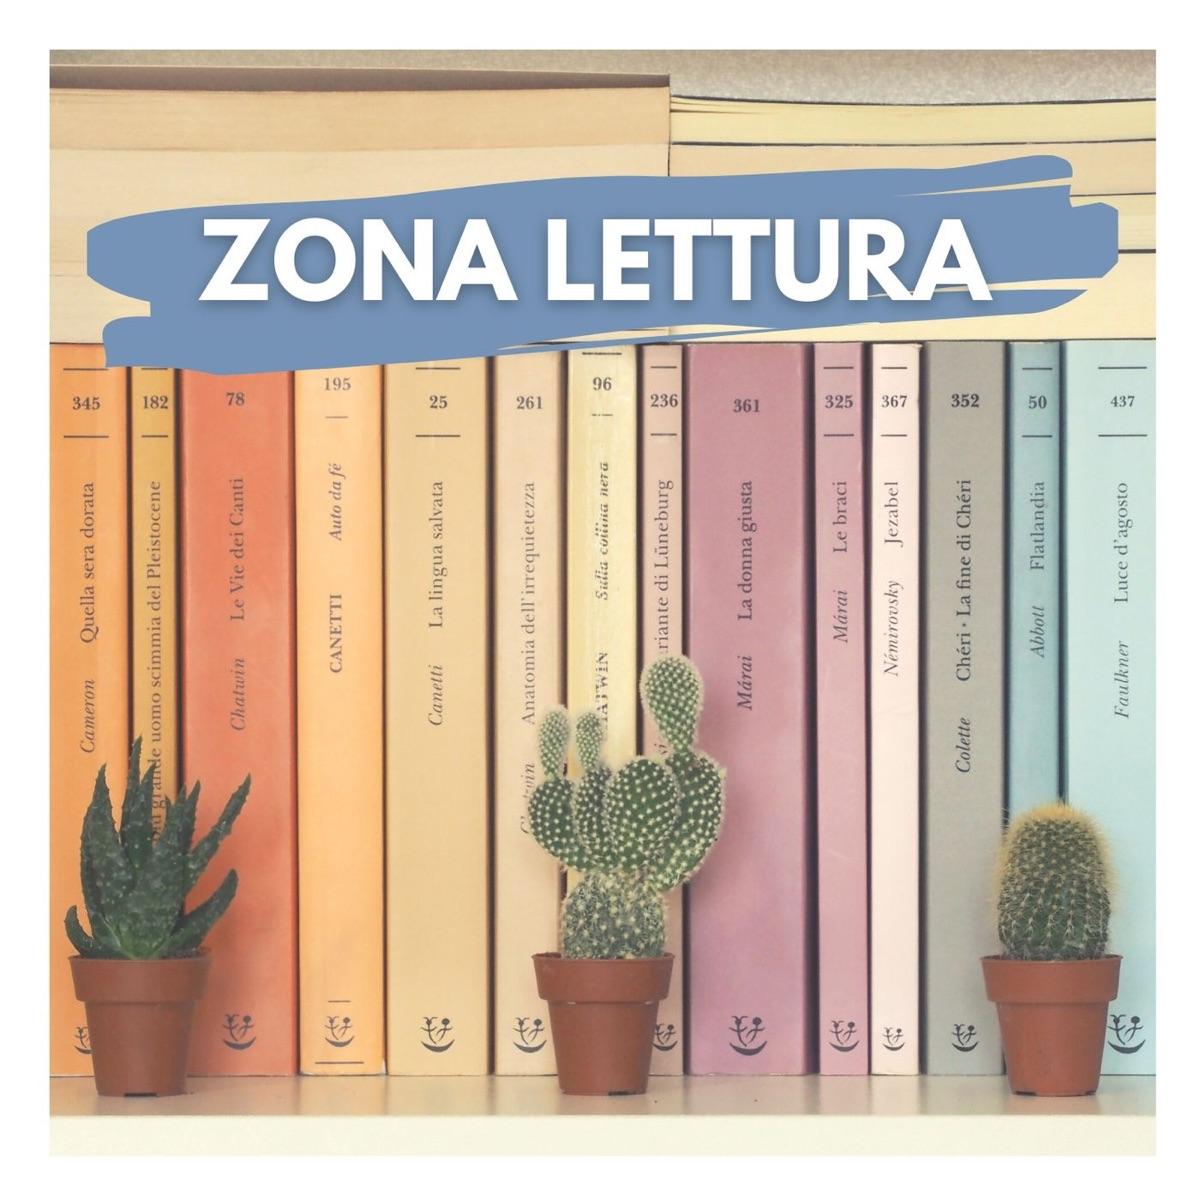 Zona Lettura. Libri da leggere